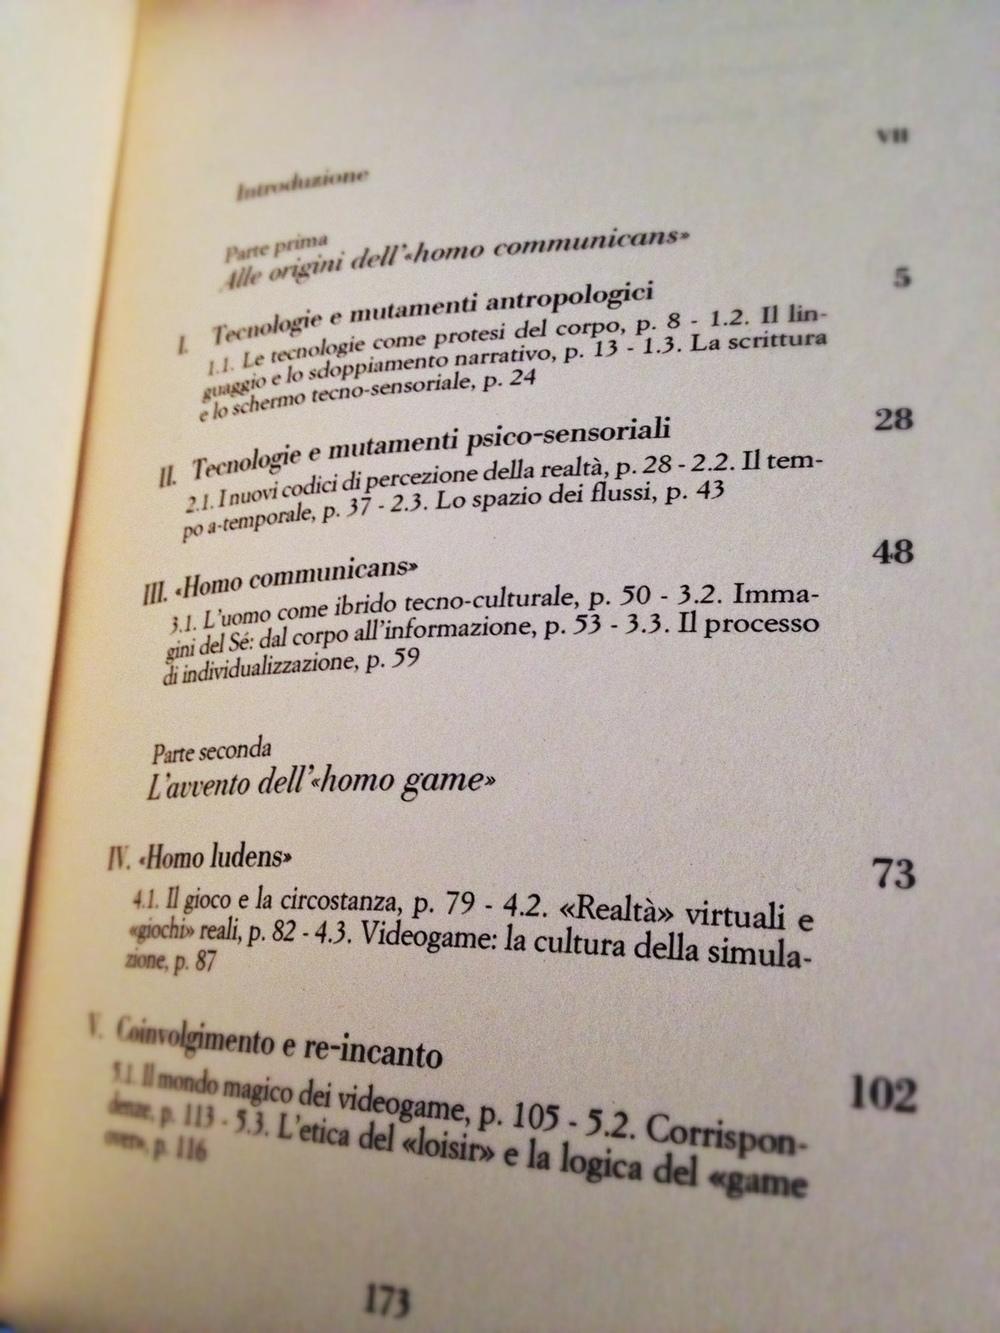 Indice del volume (continua a pagina 174).